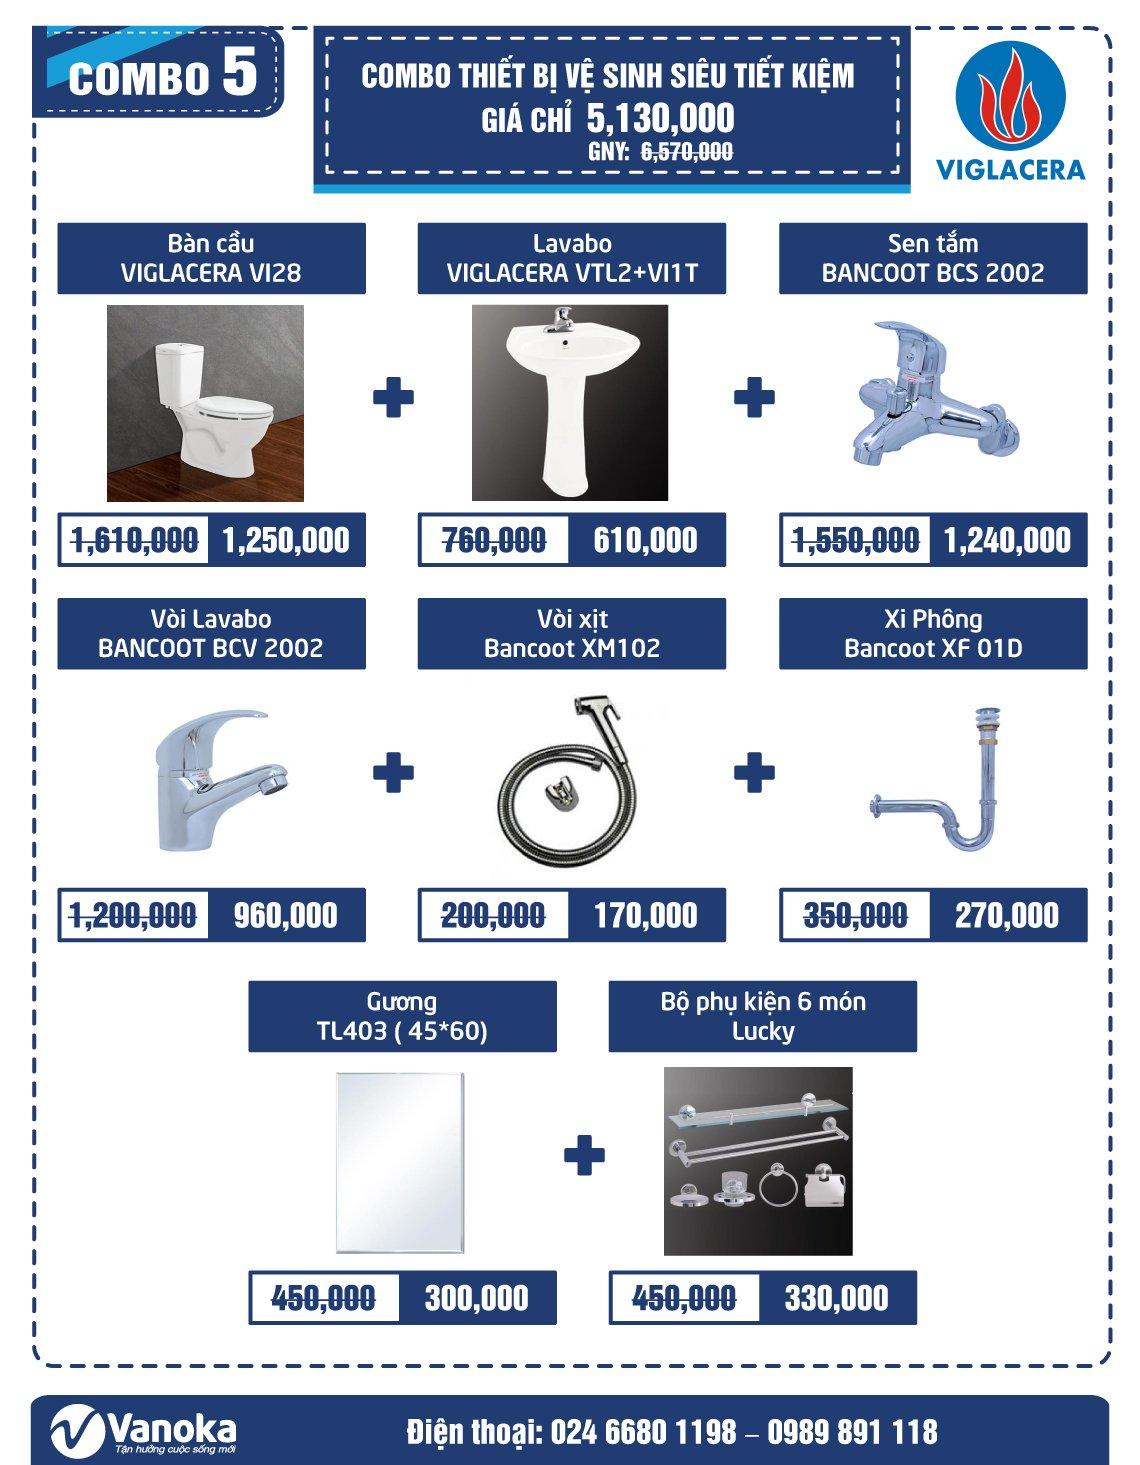 Combo Viglacera 5: Combo thiết bị vệ sinh siêu tiết kiệm giá chỉ 5.13 triệu thumbnail